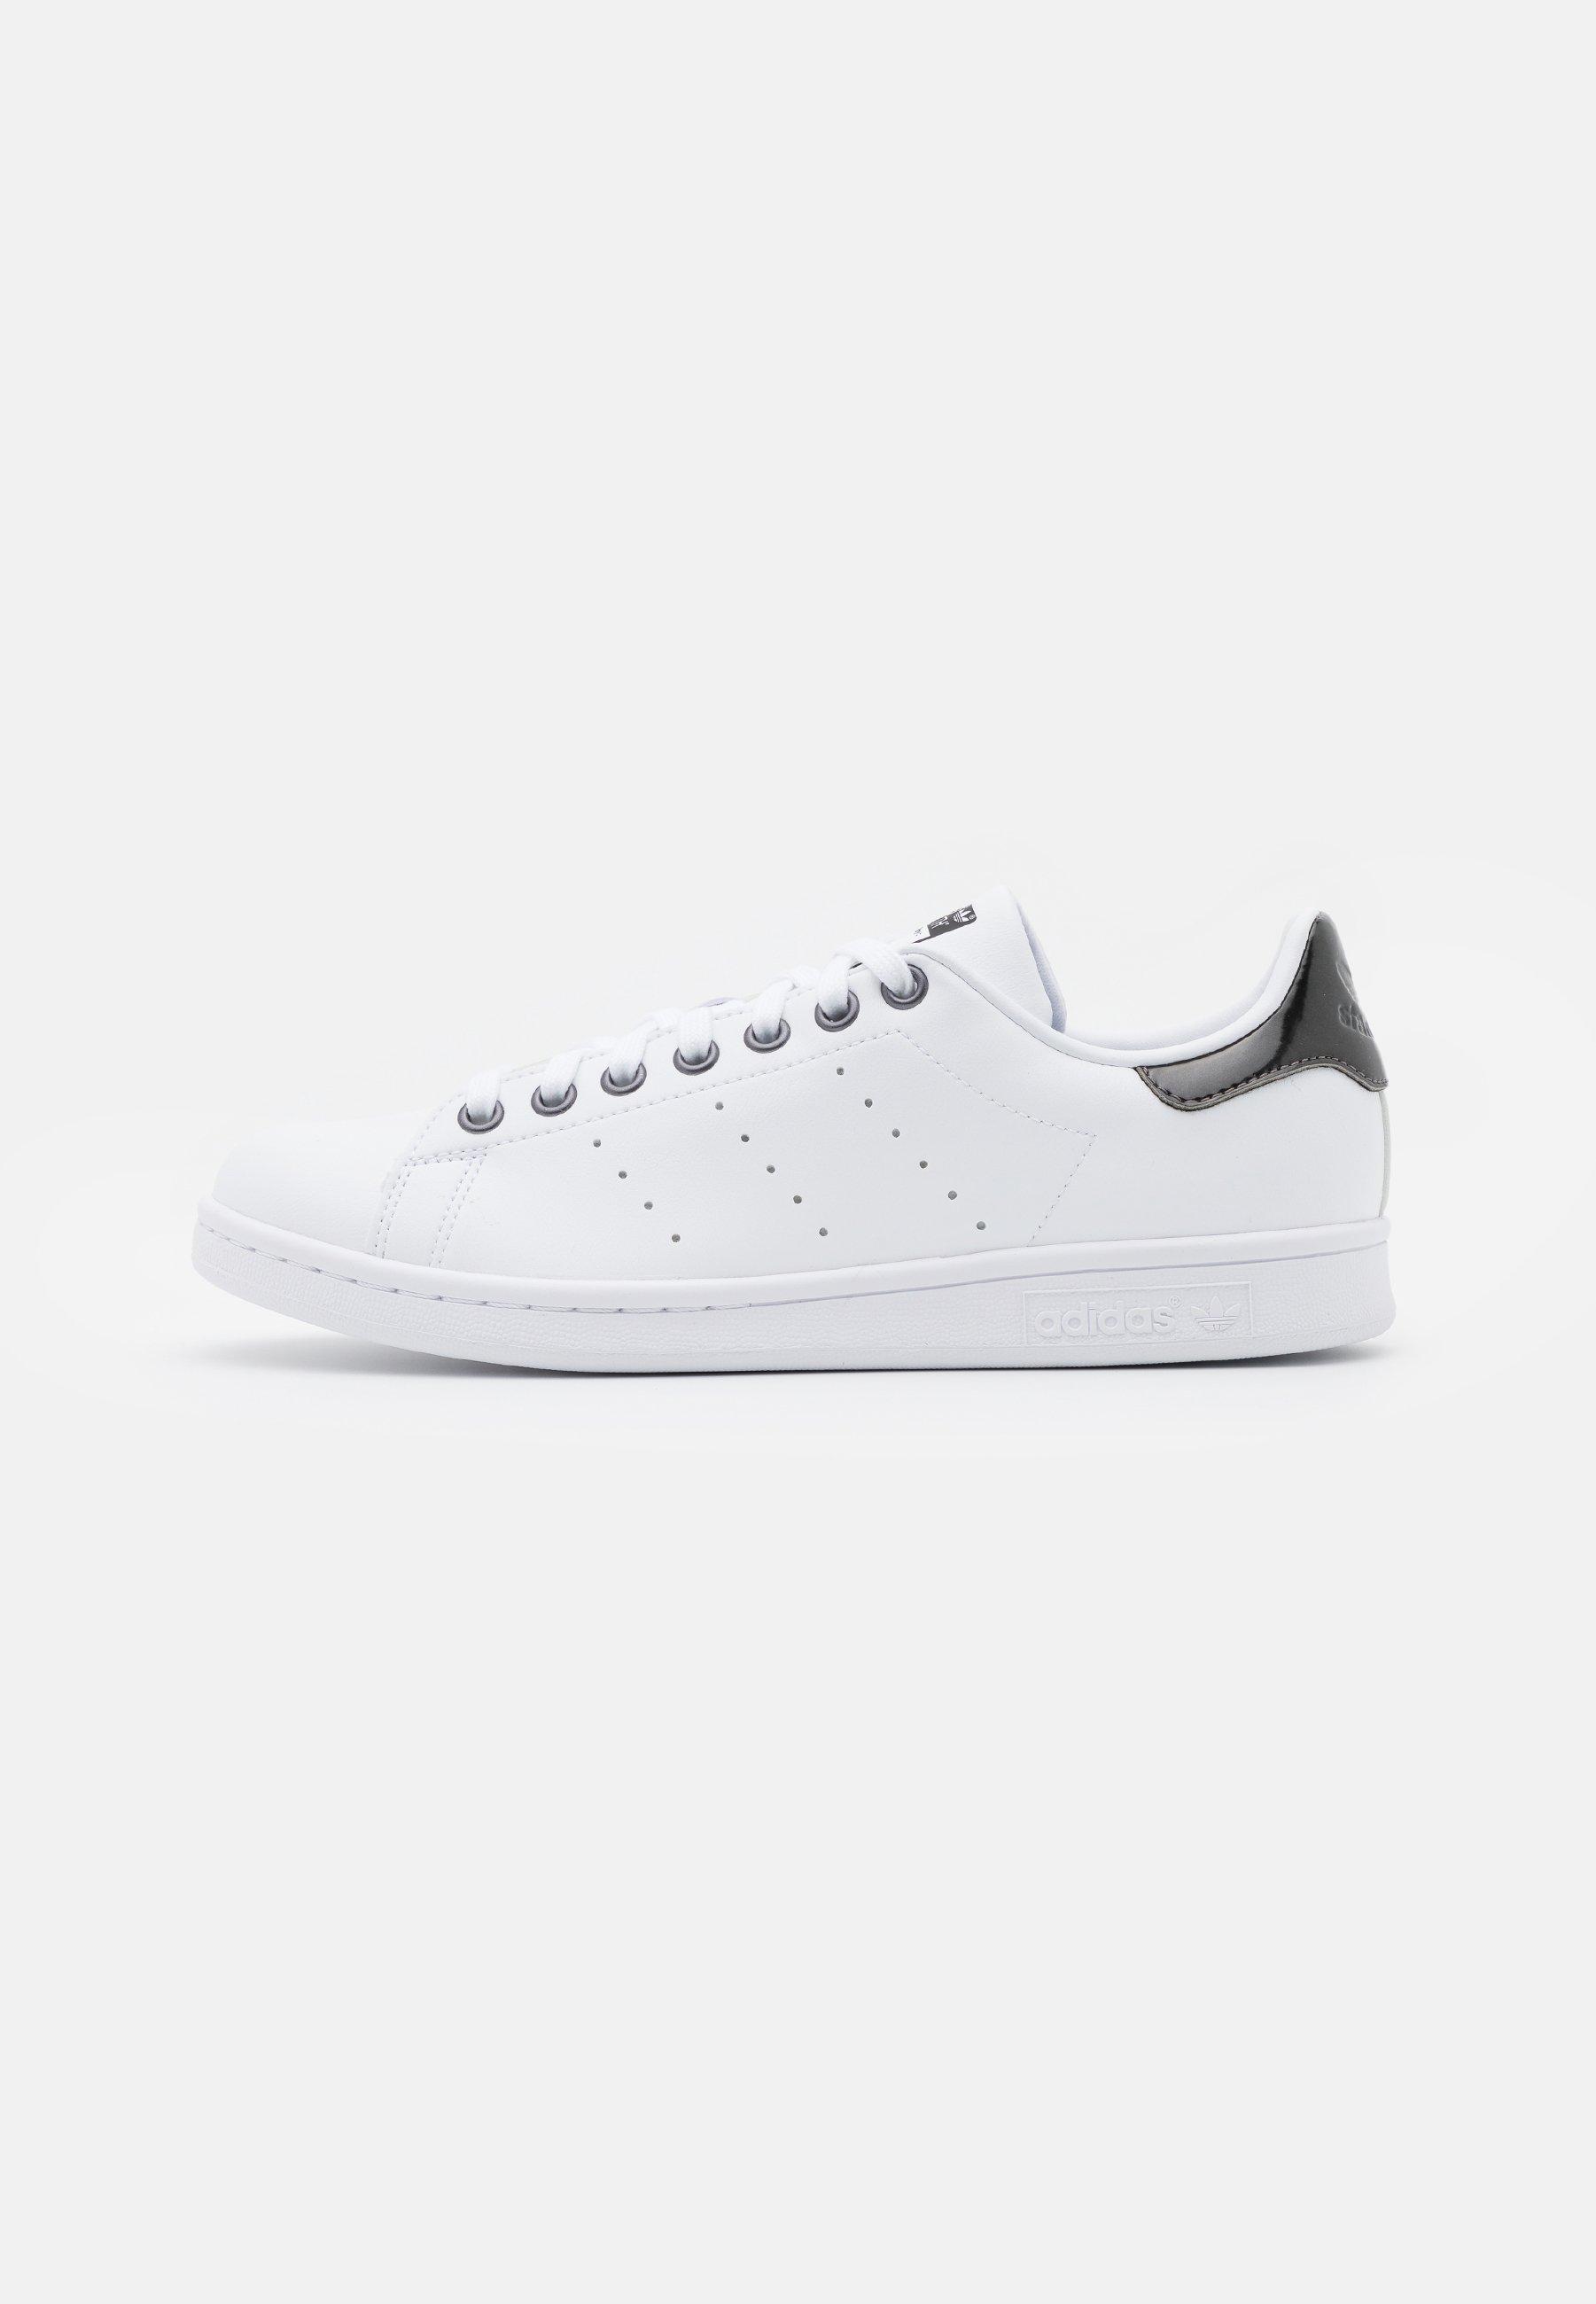 adidas bianche e nere basse